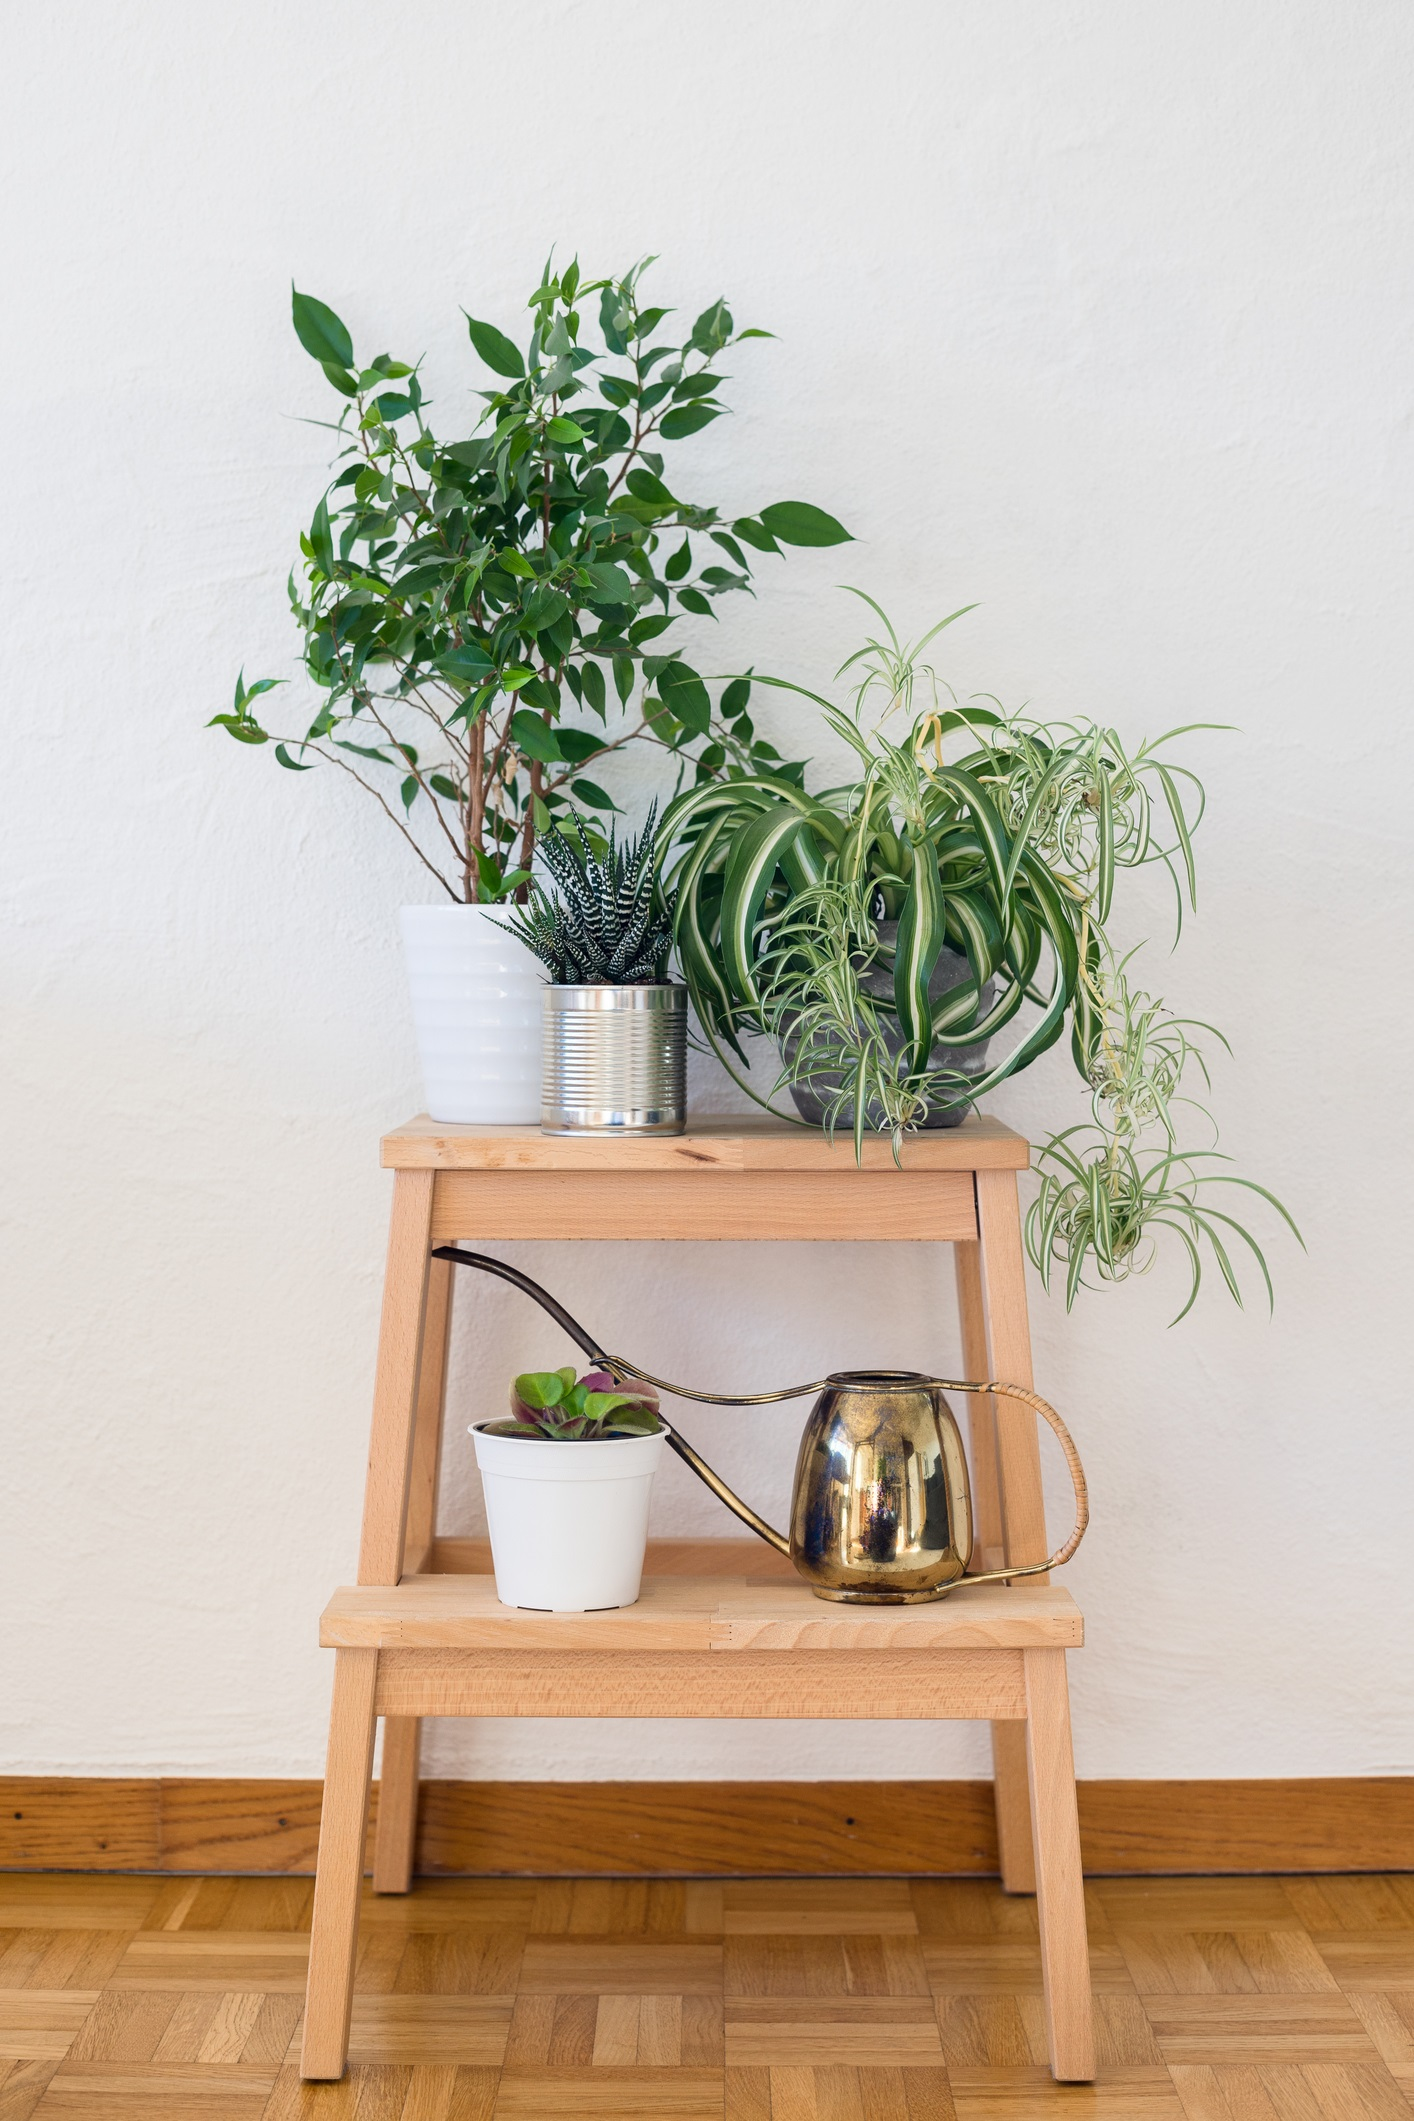 <p>Растения<br /> <br /> Въздухът на закрито е десет пъти по-замърсен от този навън, така че, когато седим в офиса или у дома, дишаме рециклиран въздух, който минава през климатик и така сме изложени на често срещани токсични химикали. Установено е, че растенията са най-добрият начин за намаляването на тези химикали в домашна или офис среда. Растенията, които най-добре се справят с тази задача са: Фикус бенджамина, Дяволски бръшлян, Лилия фламинго, Змийско растение, Арека (бел. ред. вид палма), Зелена лилия, Спатифилум и папратовидните растения.</p>